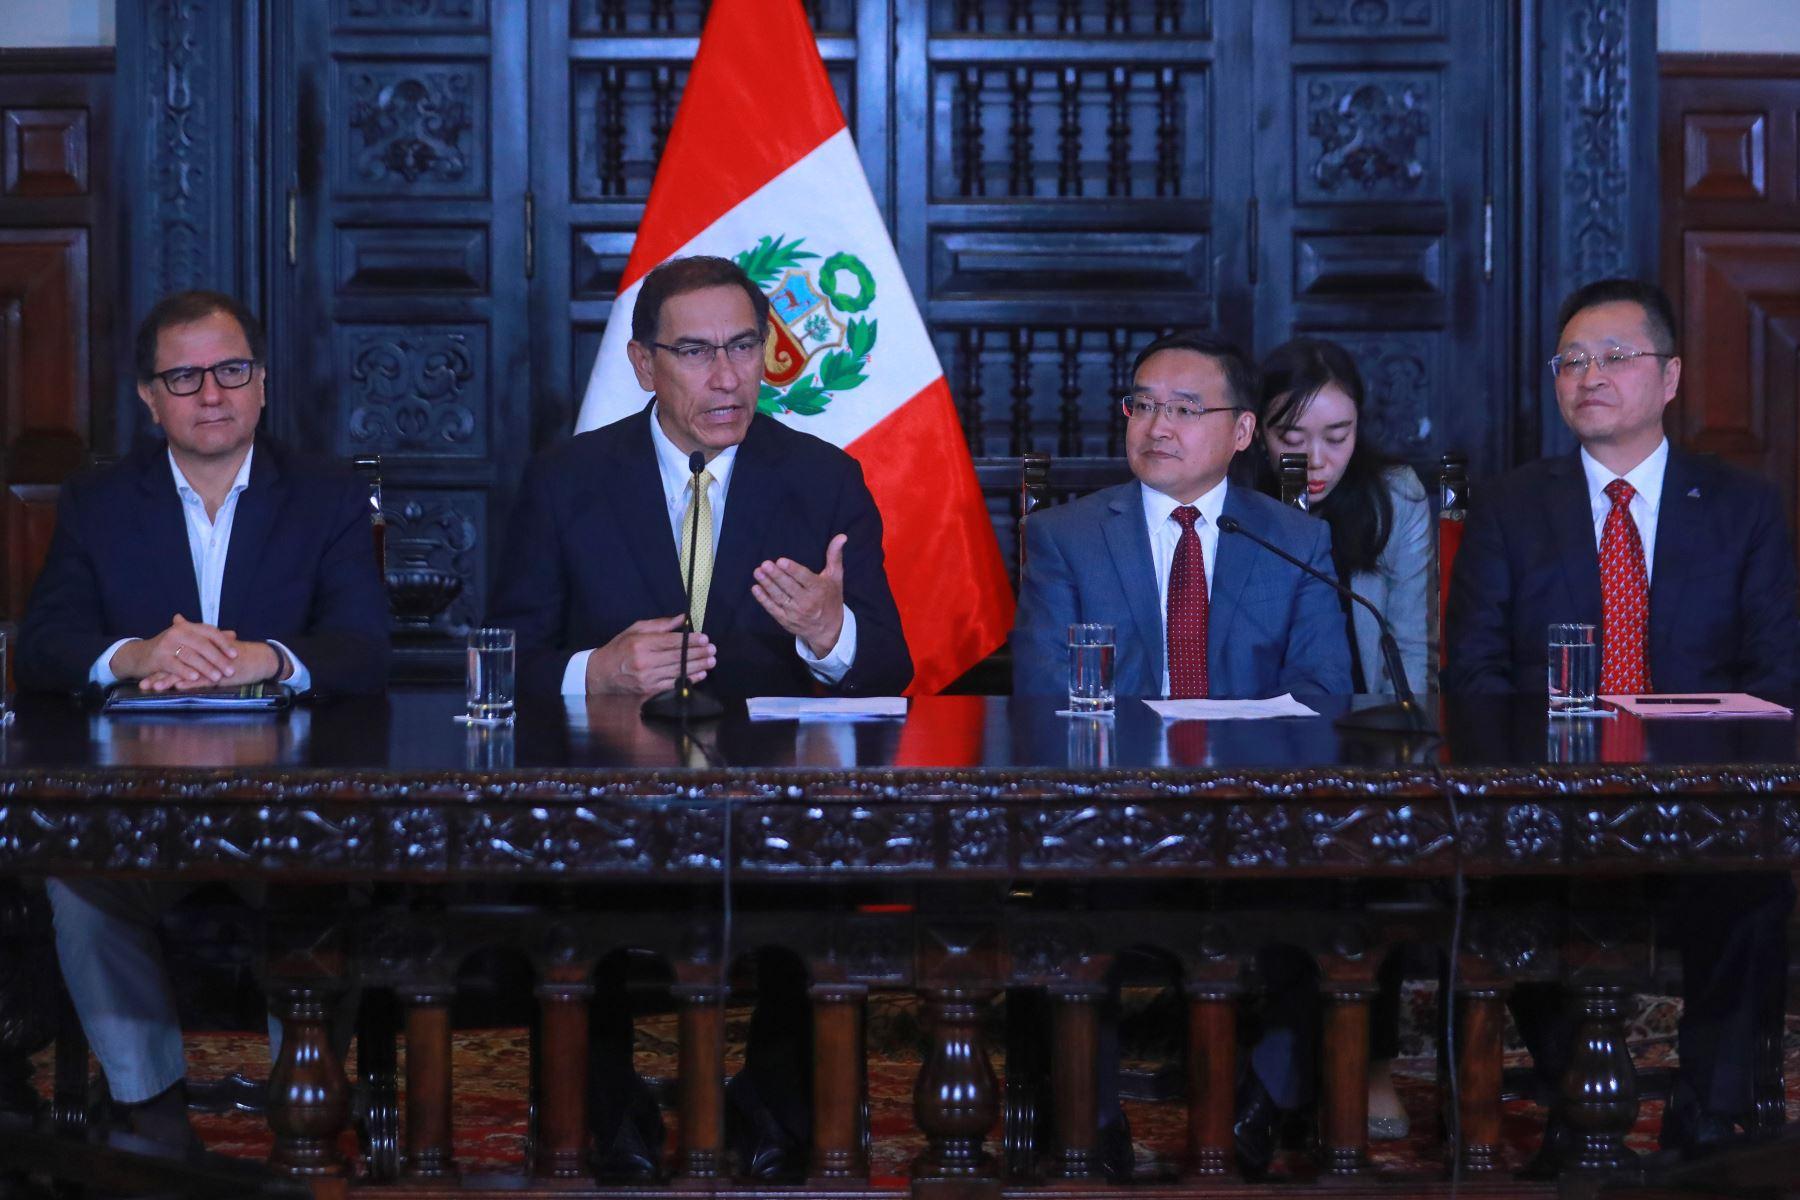 El presidente peruano Martín Vizcarra en reunión con el embajador de China en Perú, Jia Guide. Foto: Agencia Andina.